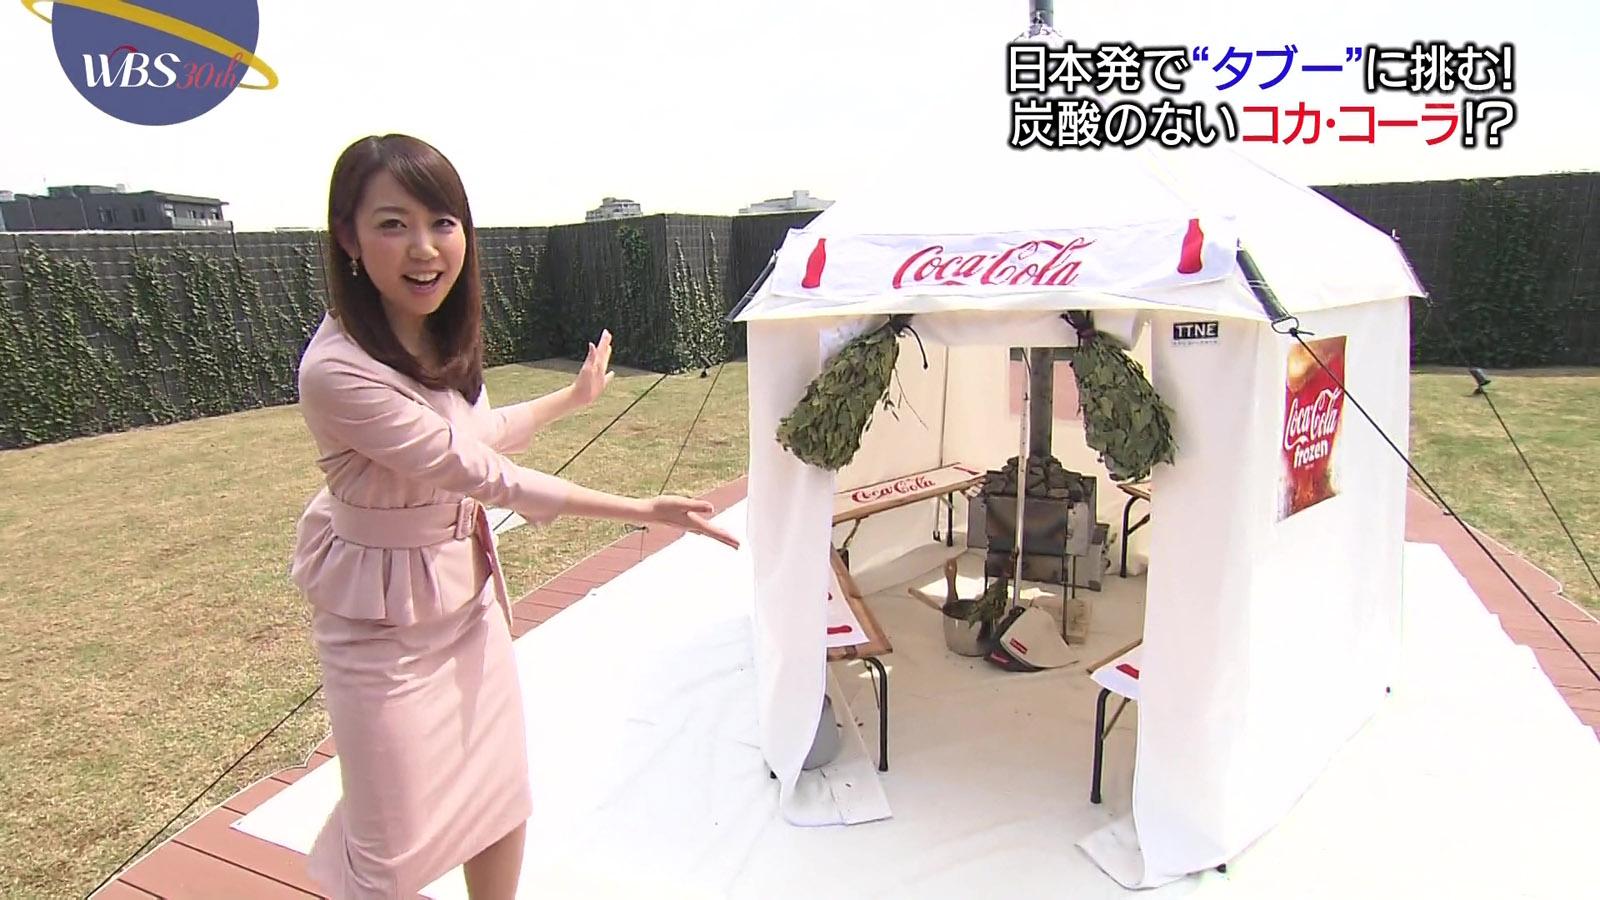 須黒清華アナ ワールドビジネスサテライト